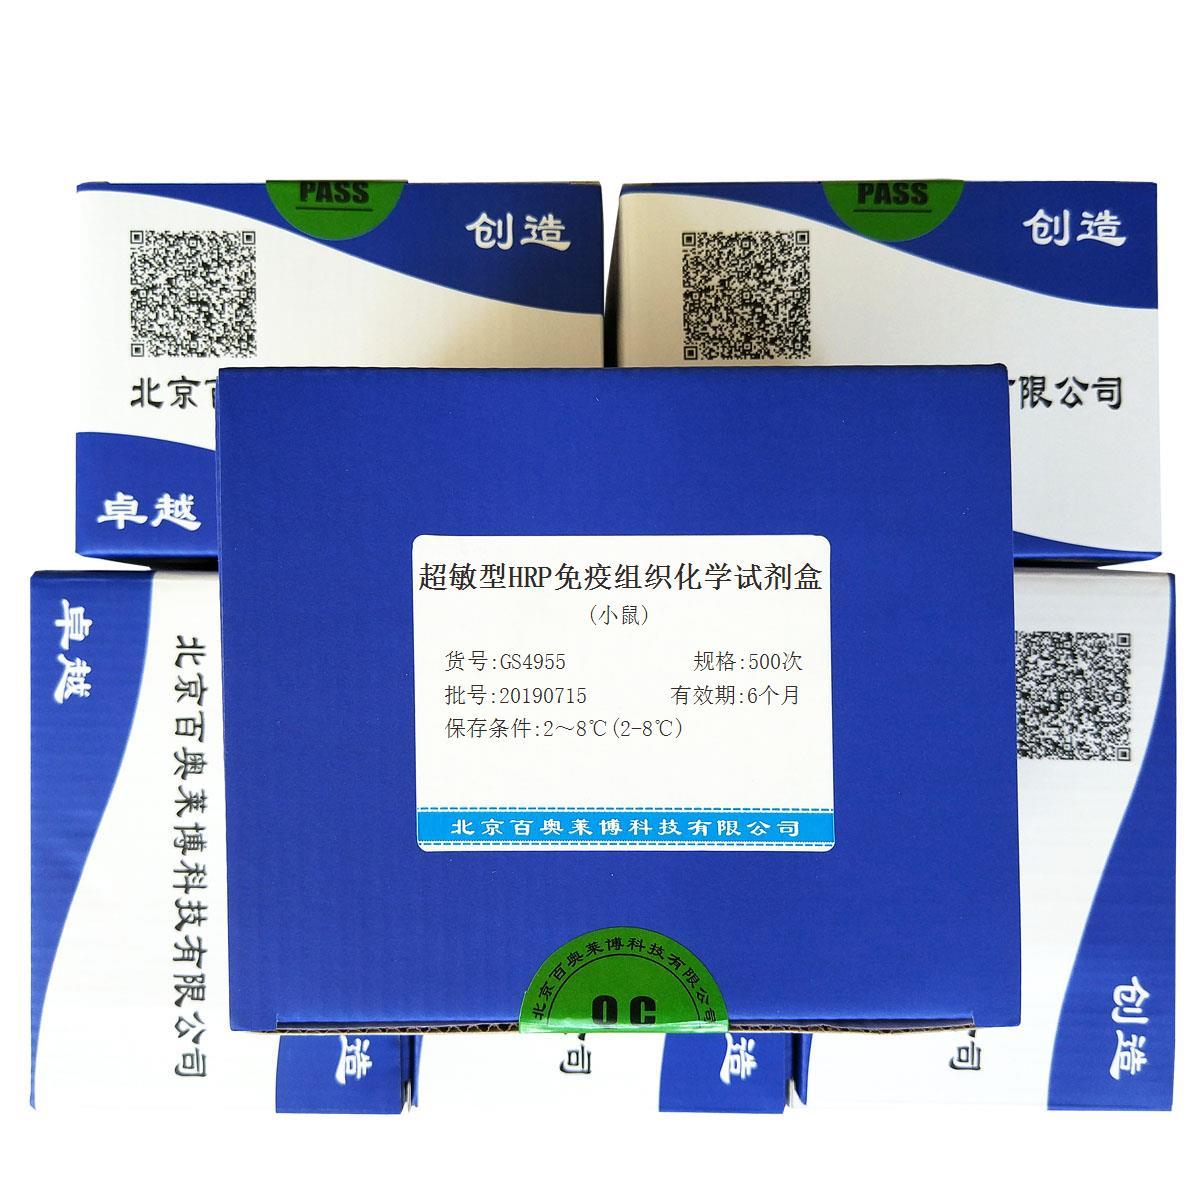 超敏型HRP免疫组织化学试剂盒(小鼠)北京现货